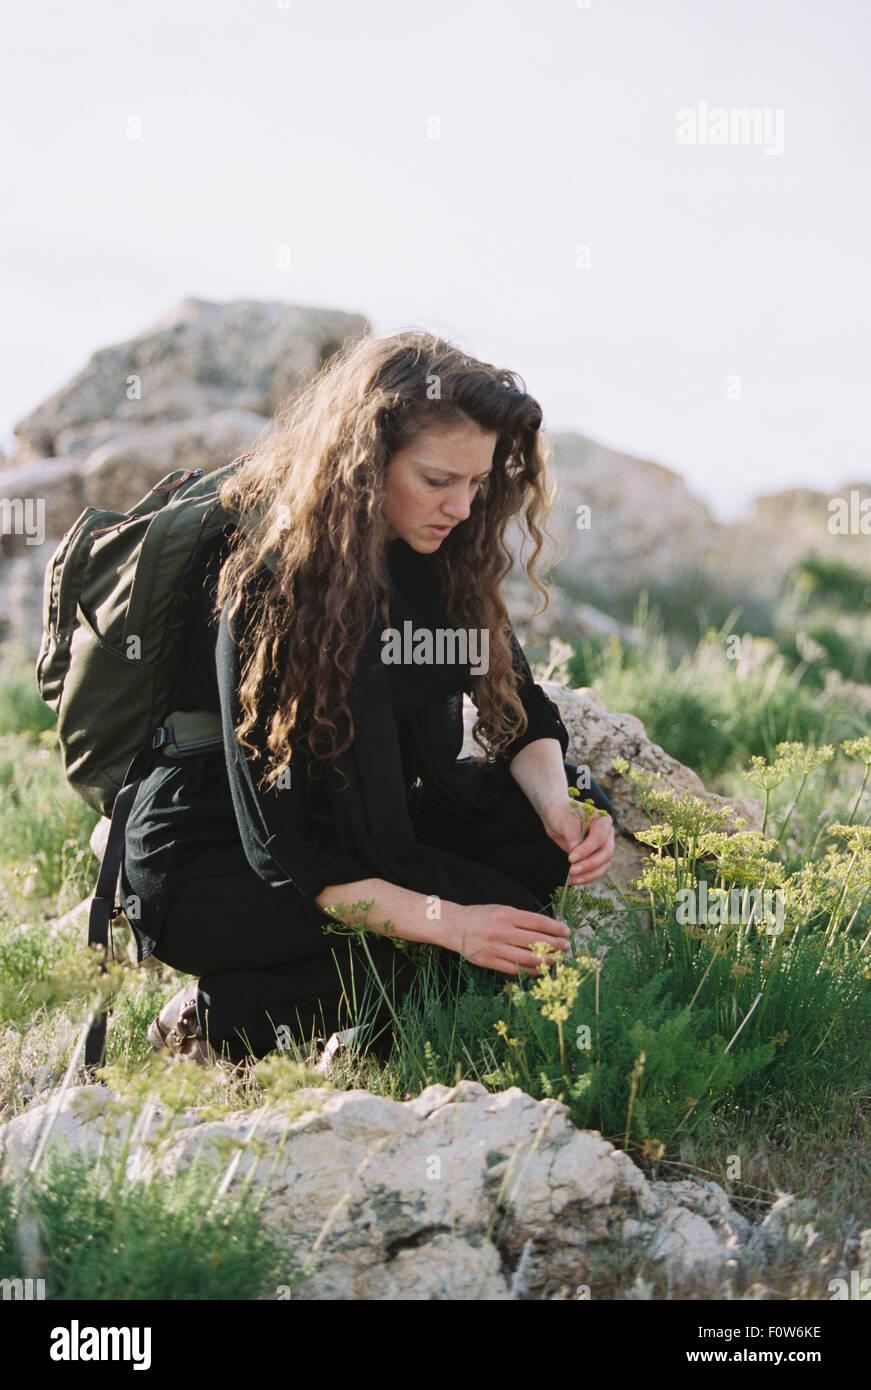 Una mujer recogiendo flores silvestres. Imagen De Stock